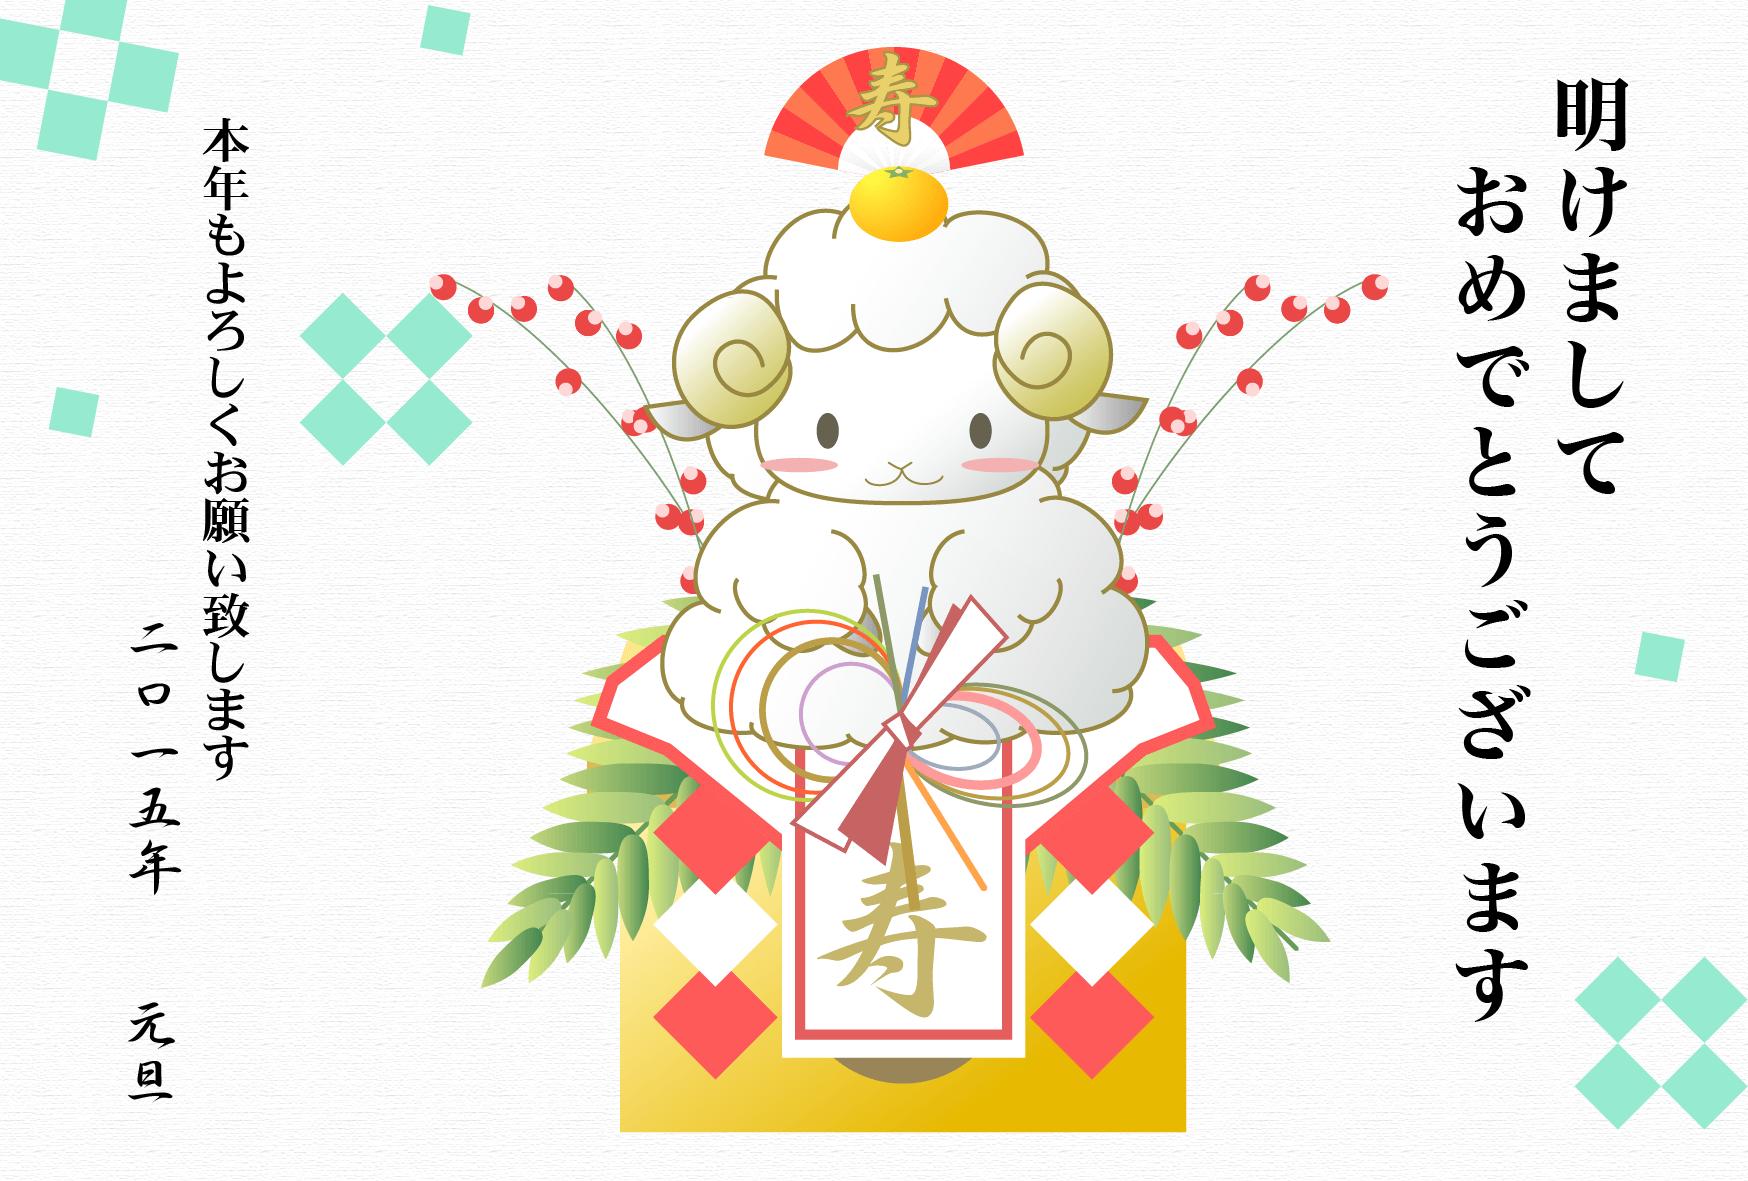 2015年♪明けましておめでとうございます((o(´∀`)o))